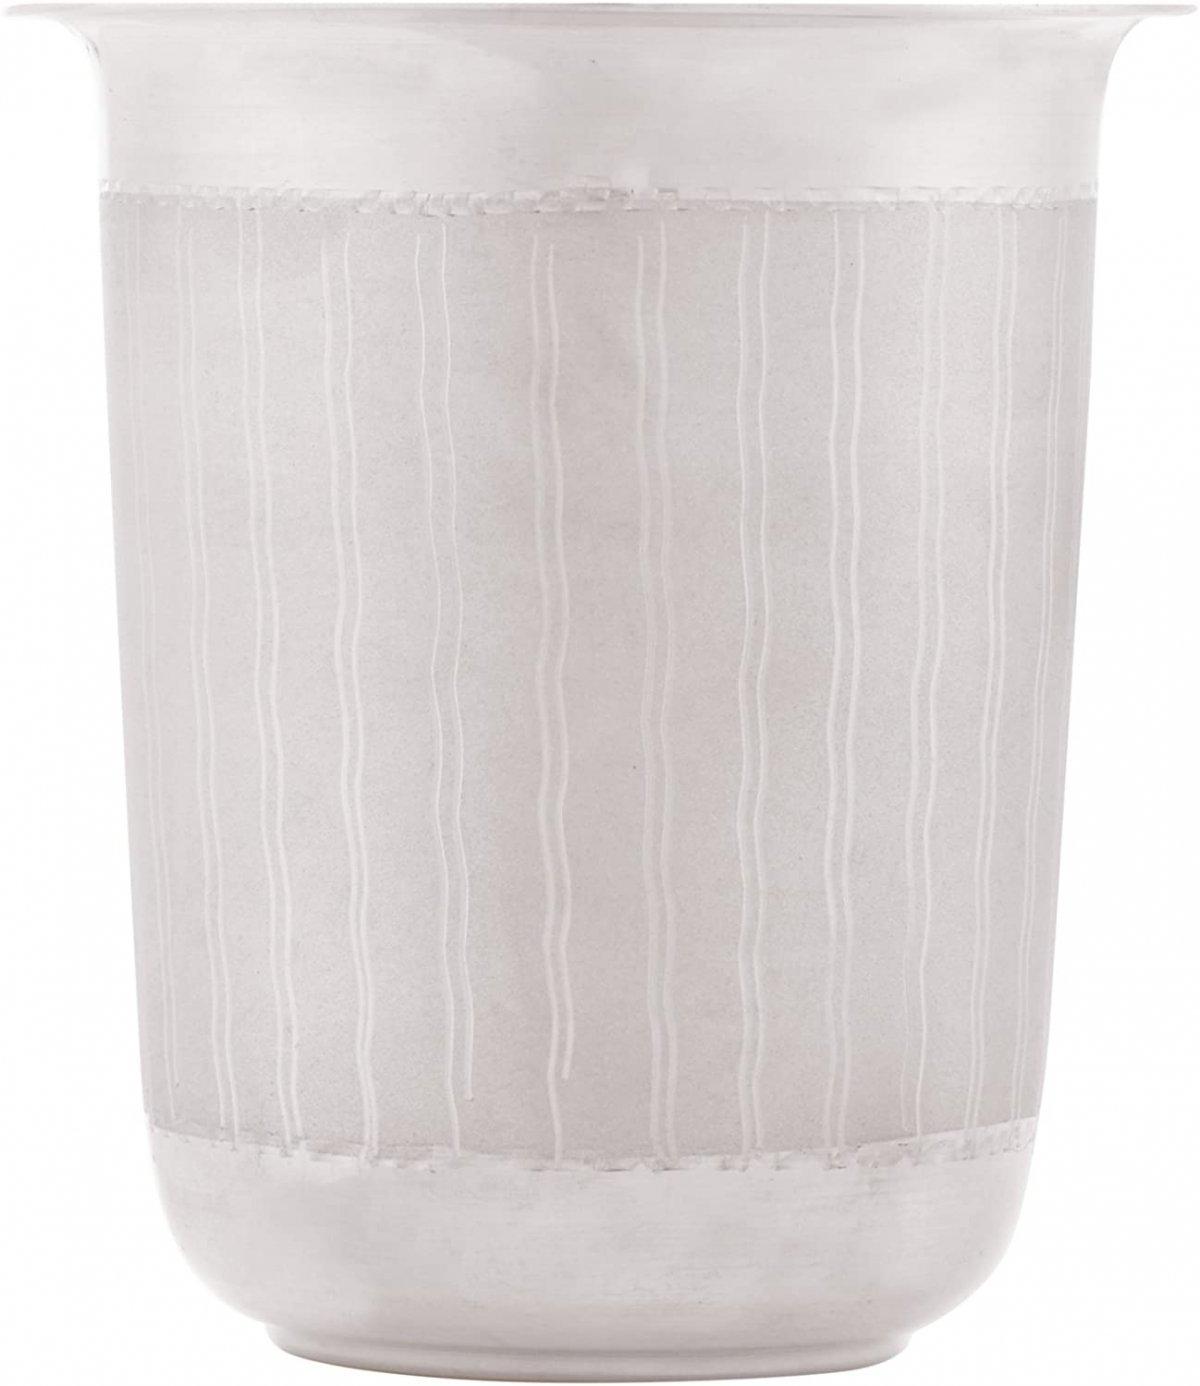 Silver Baby Glass - Teddy Bear Design - 90%-92.5% Pure BIS Hallmarked